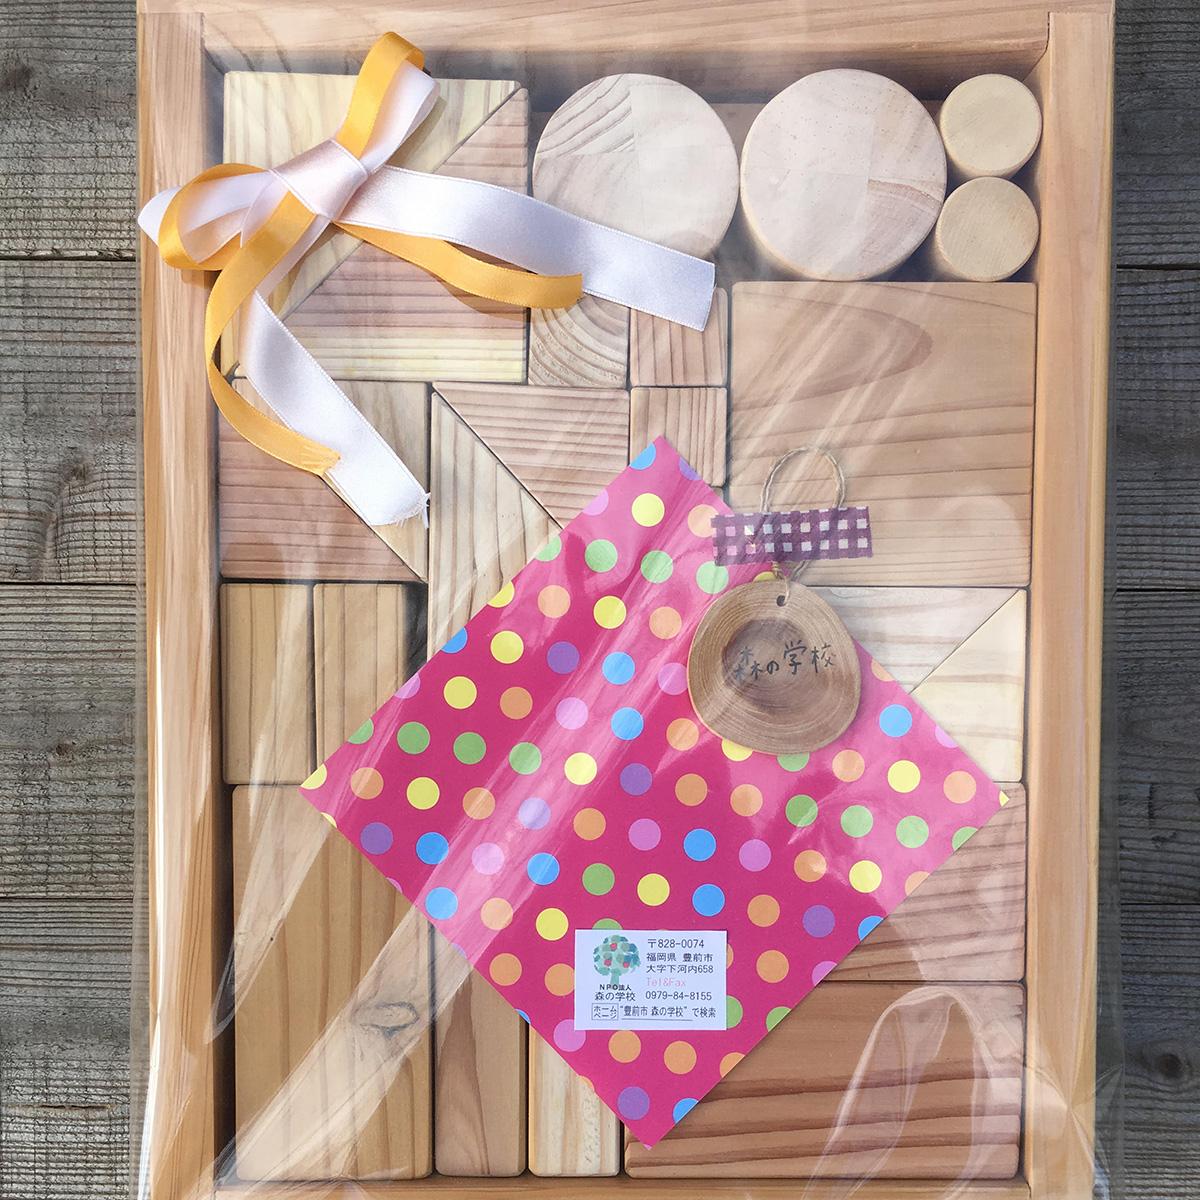 【ふるさと納税】積み木セット(小)【出産祝い・知育玩具にオススメ】